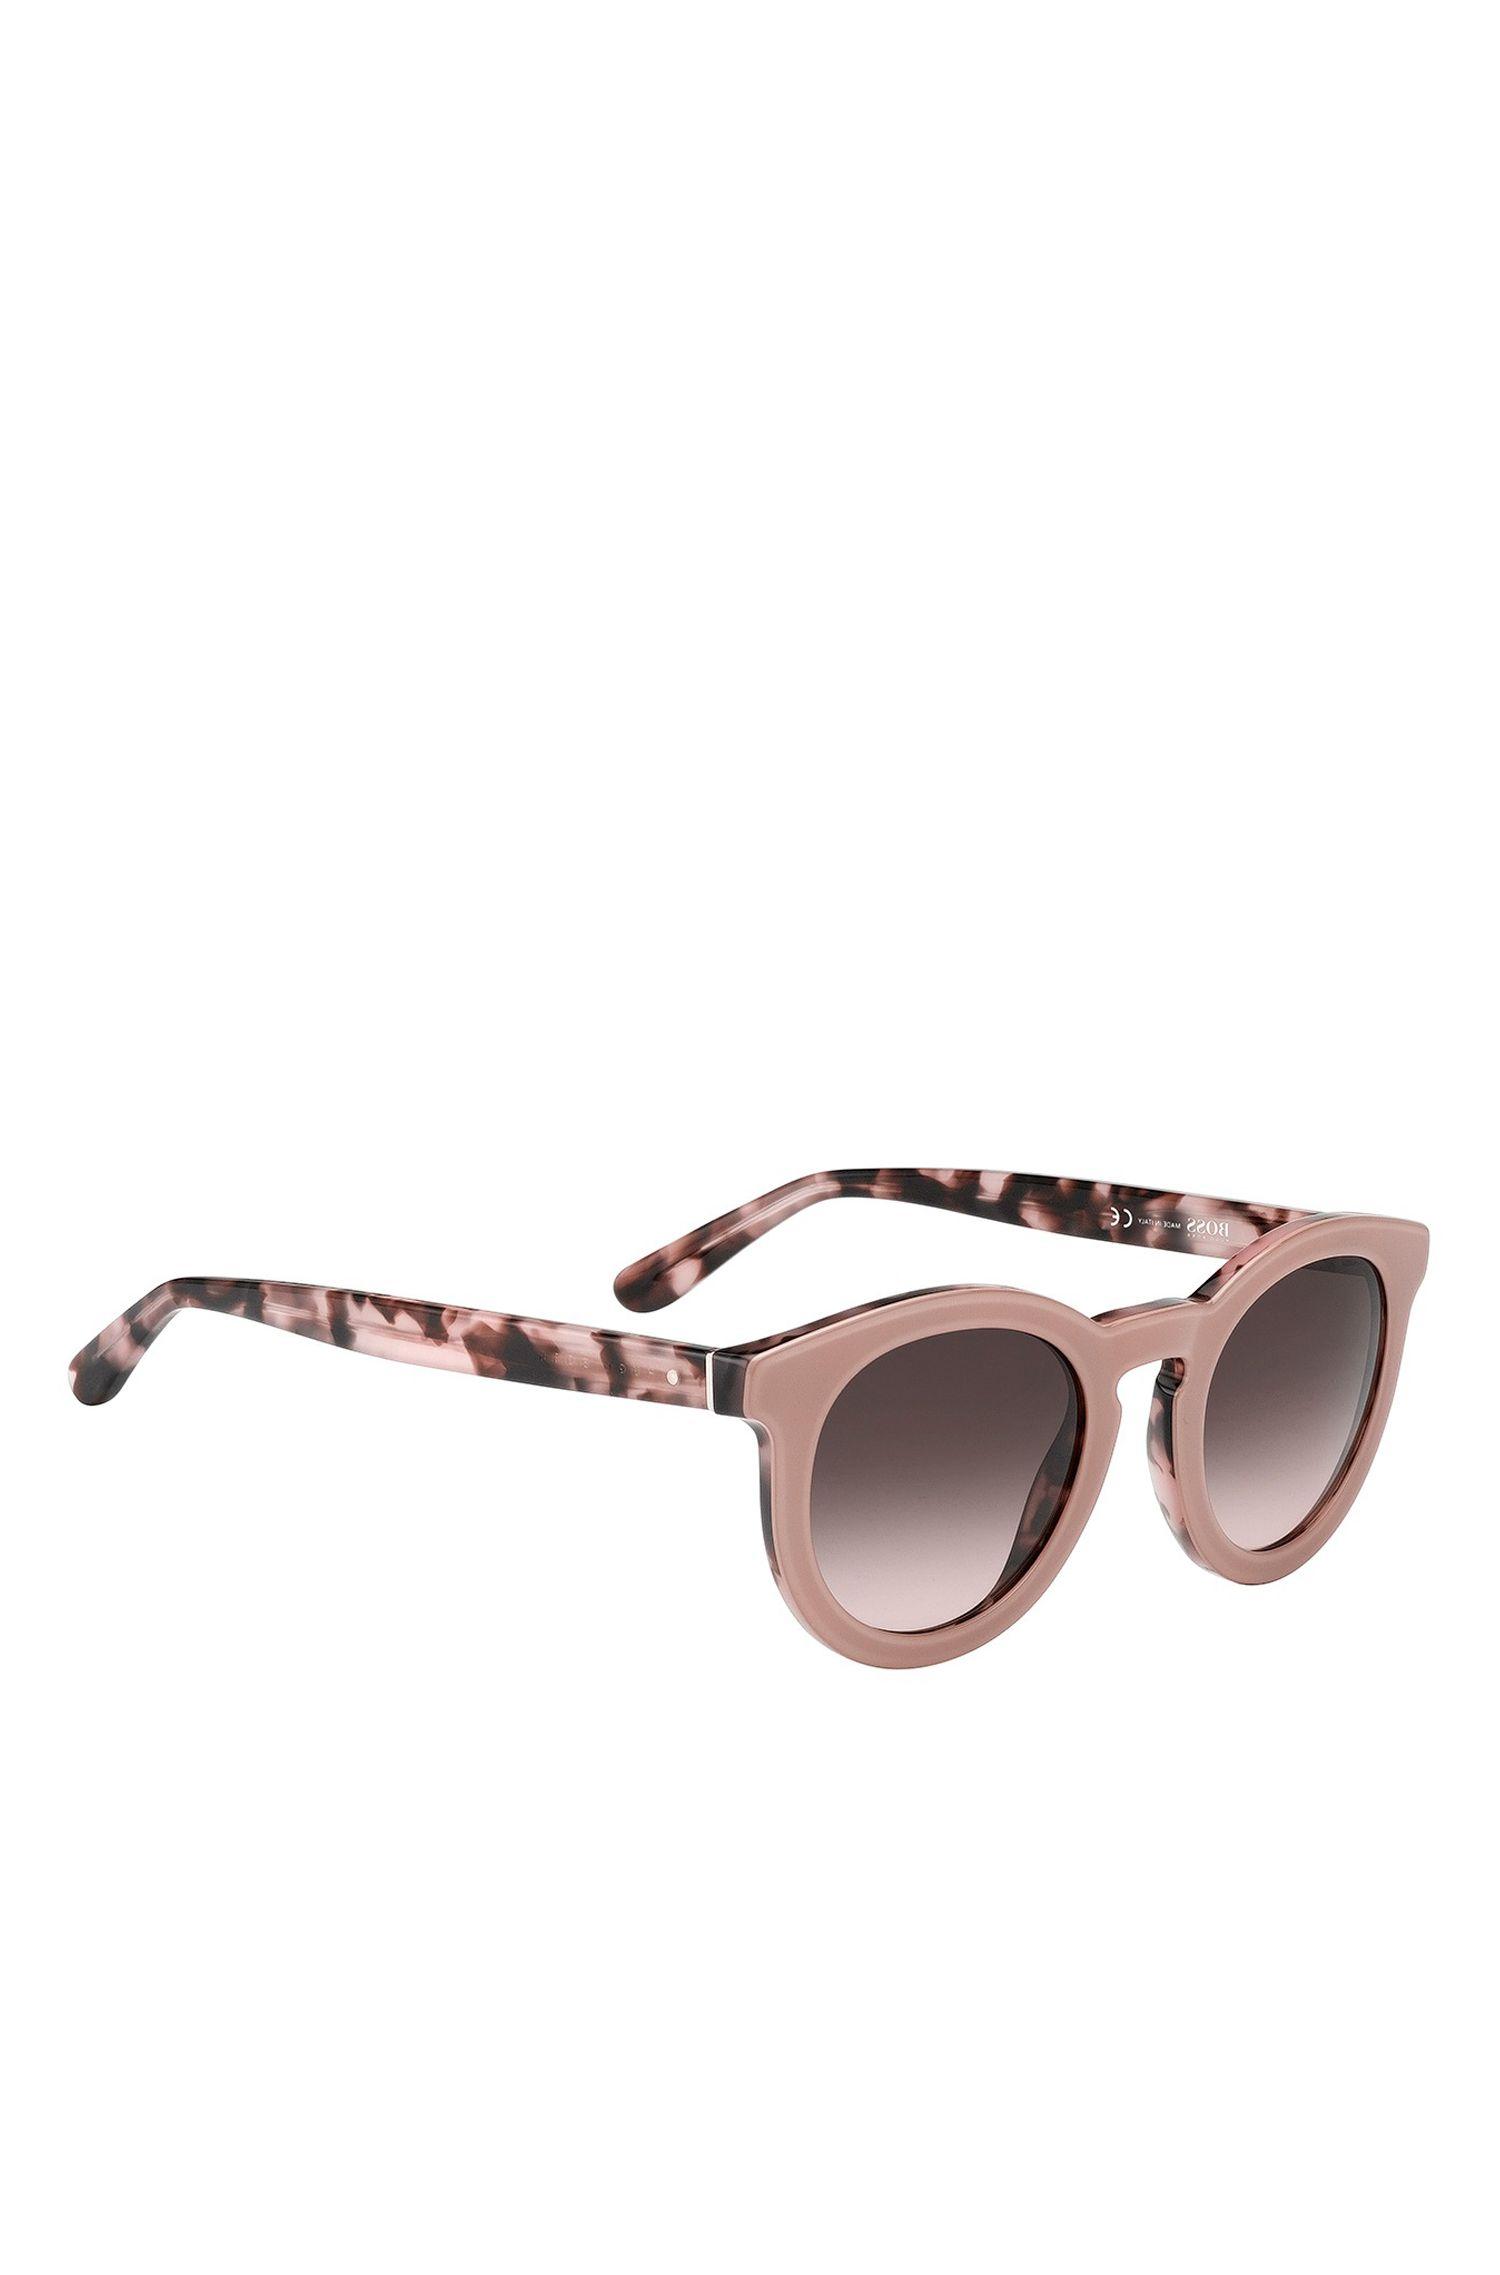 'BOSS 0742S'   Gradient Lens Acetate Sunglasses